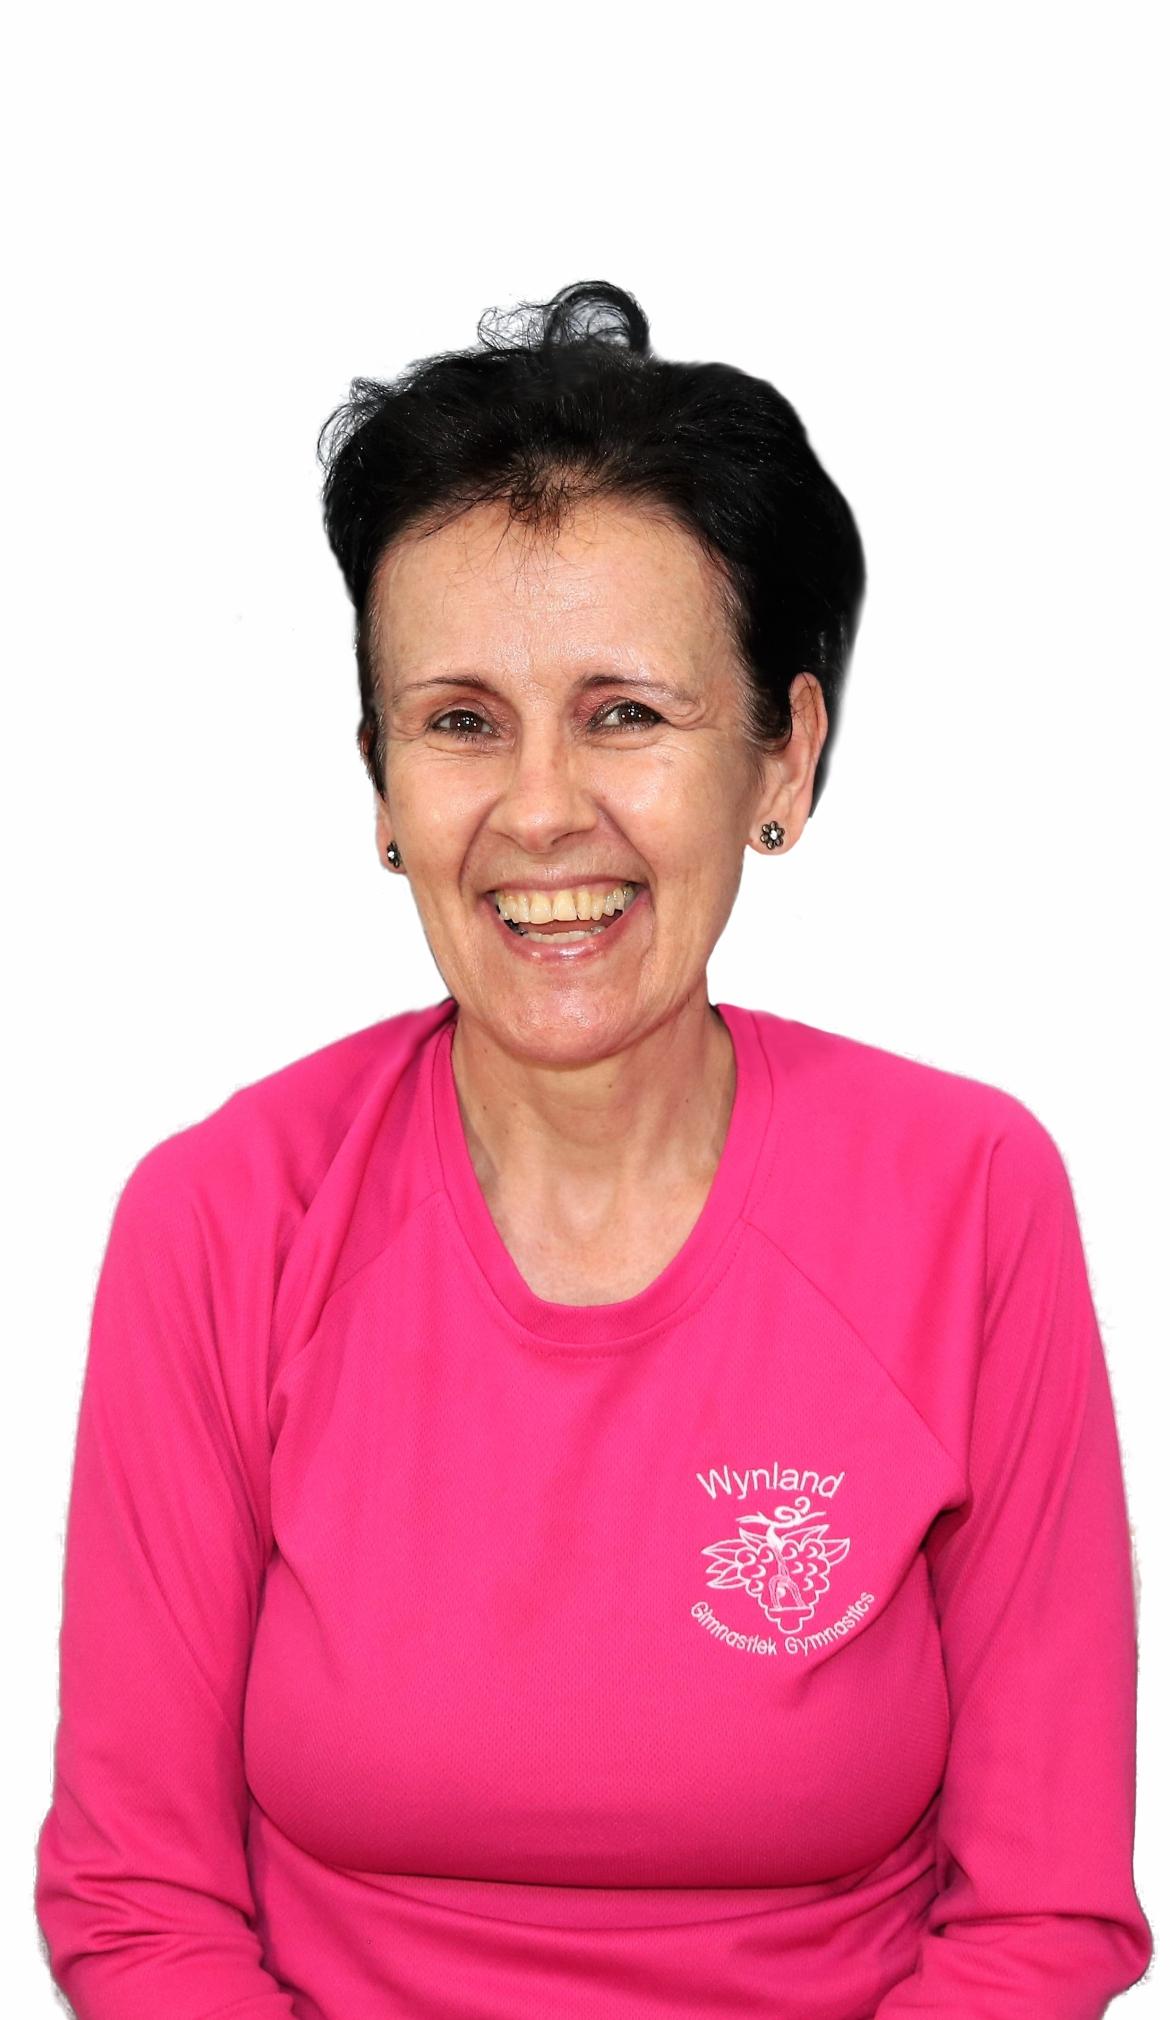 Wynland Gymnastics Coach